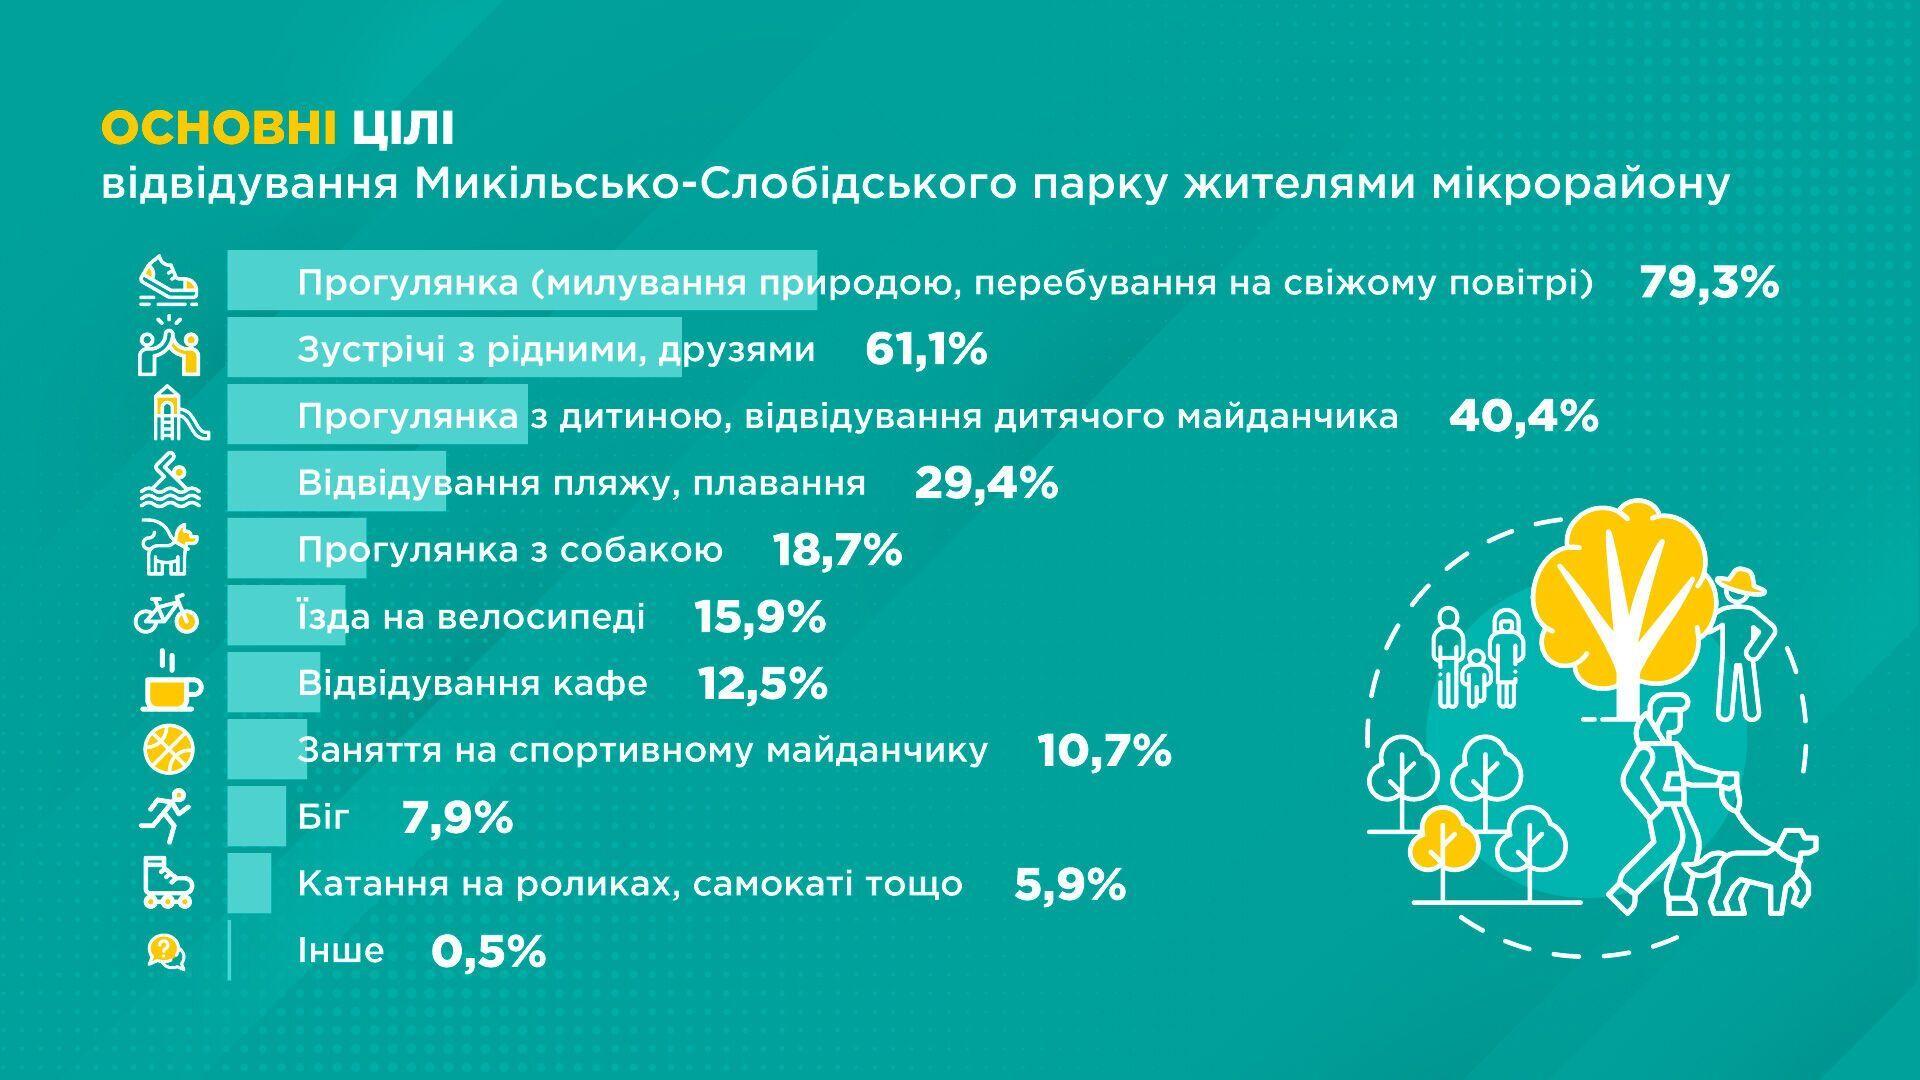 52,5% опрошенных хотели бы видеть в парке новые беседки, павильоны и навесы